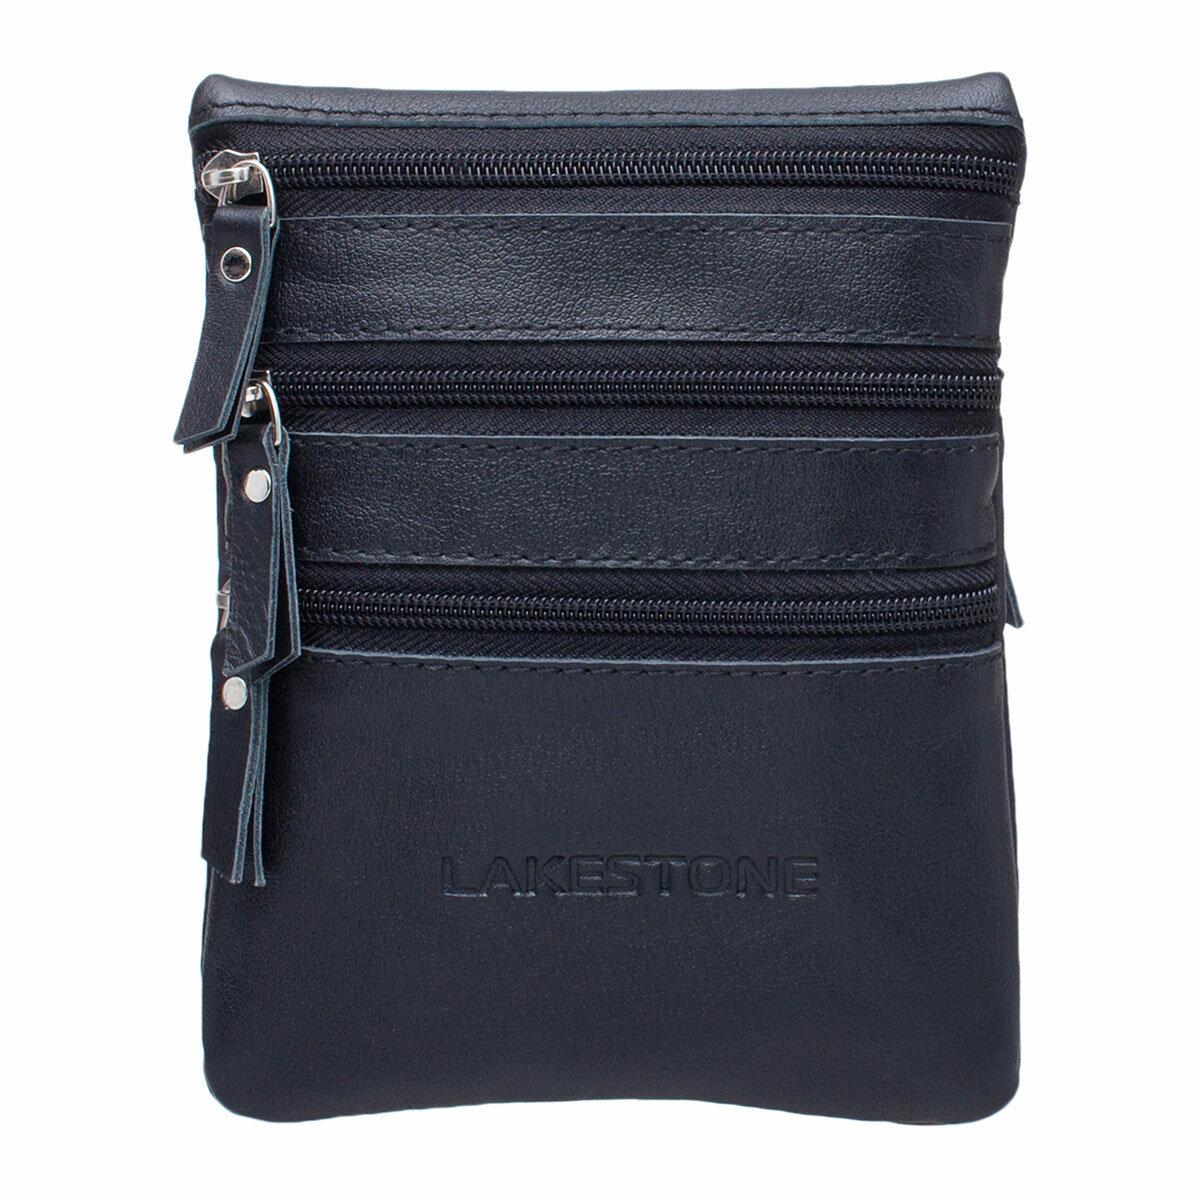 Небольшая сумка через плечо Wesley Black мужская кожаная черная